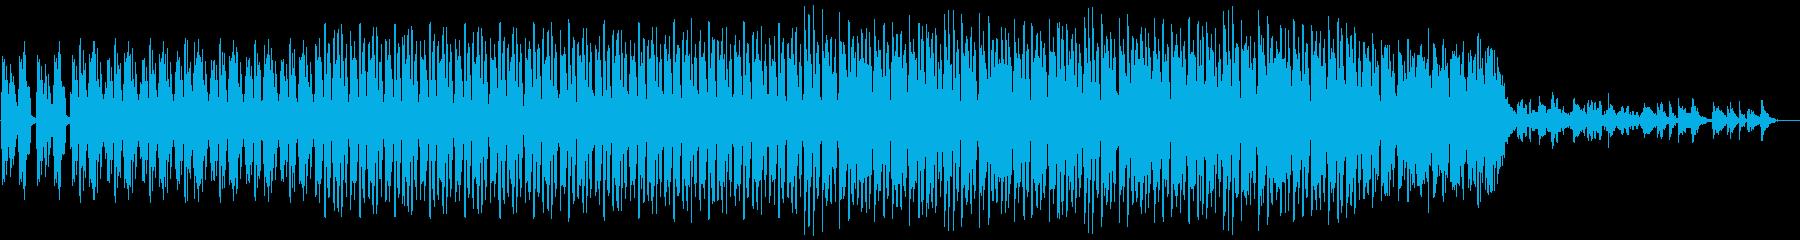 ミステリアスなアンビエントテクノの再生済みの波形